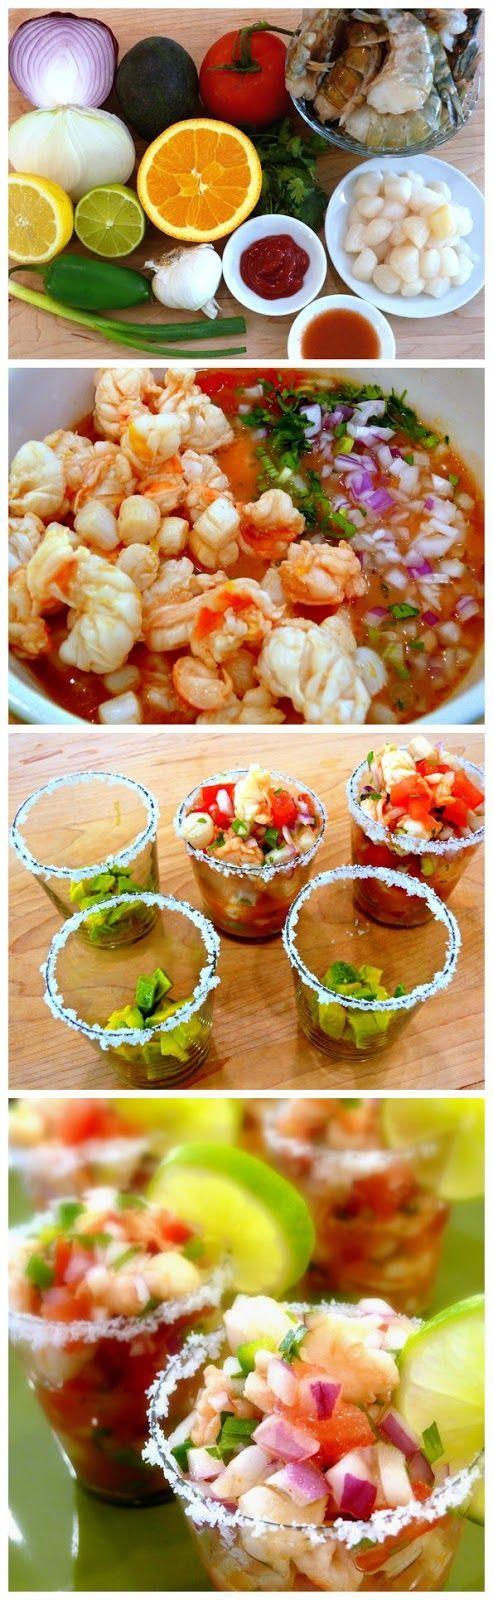 Tropical Shrimp Ceviche tropical shrimp ceviche recipe shrimp ceviche ...